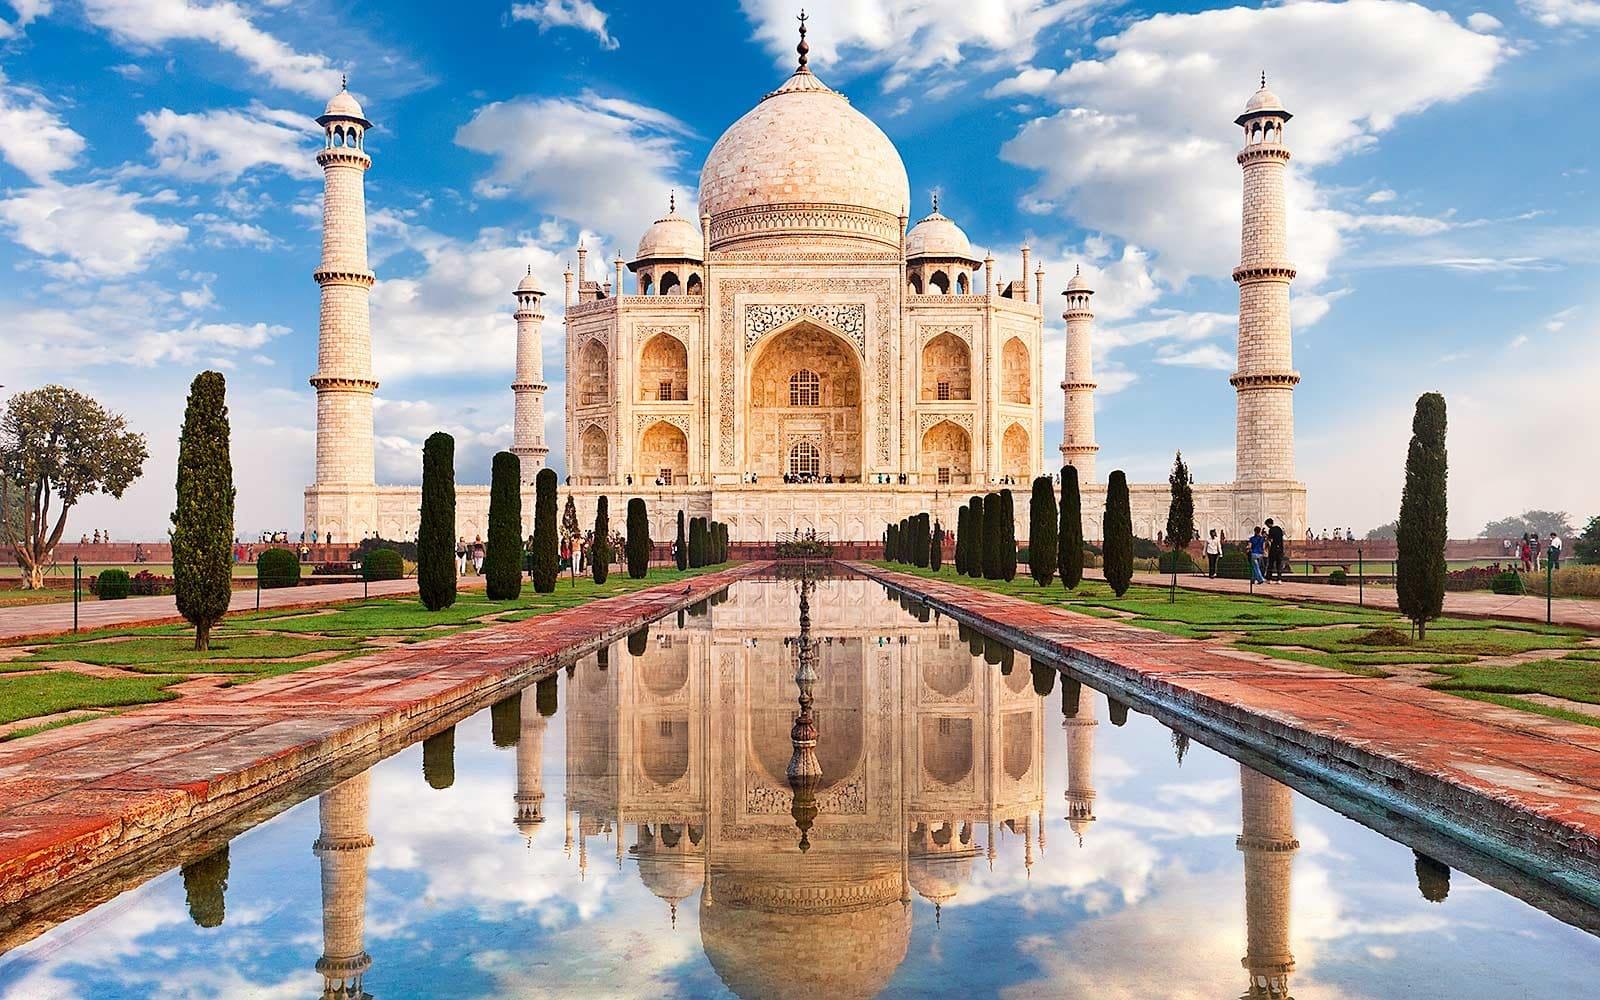 Taj Mahal Tour Package Price